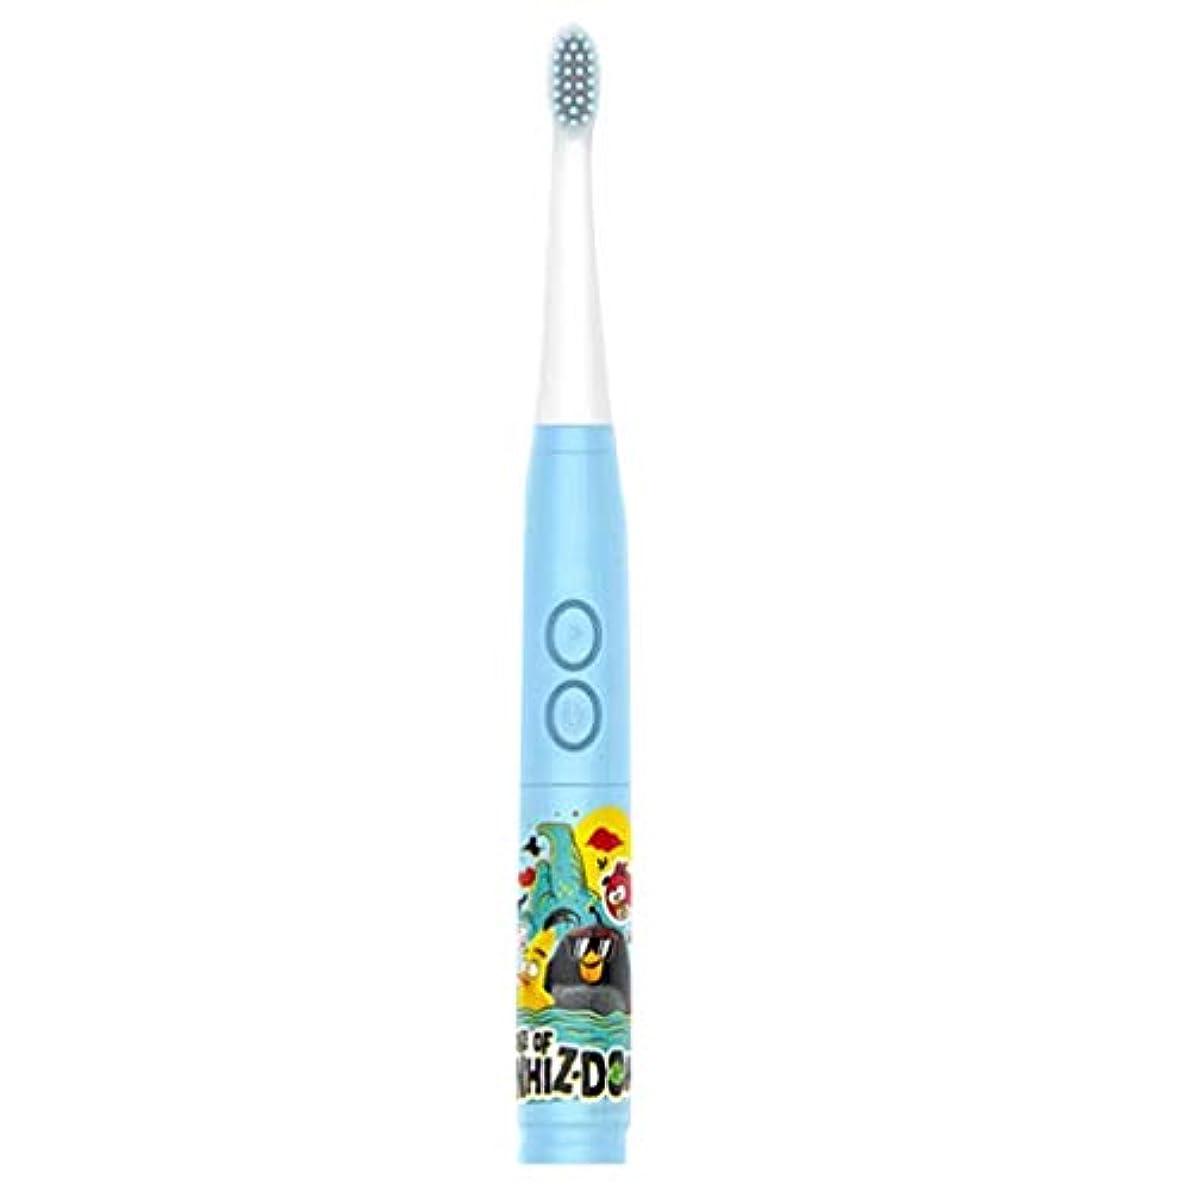 全部あいまいさ注入するシンプルな子供の音楽電動歯ブラシ男の子と女の子の自動歯ブラシ3-6-12歳の柔らかい髪の赤ちゃんの歯ブラシの家 (色 : A)